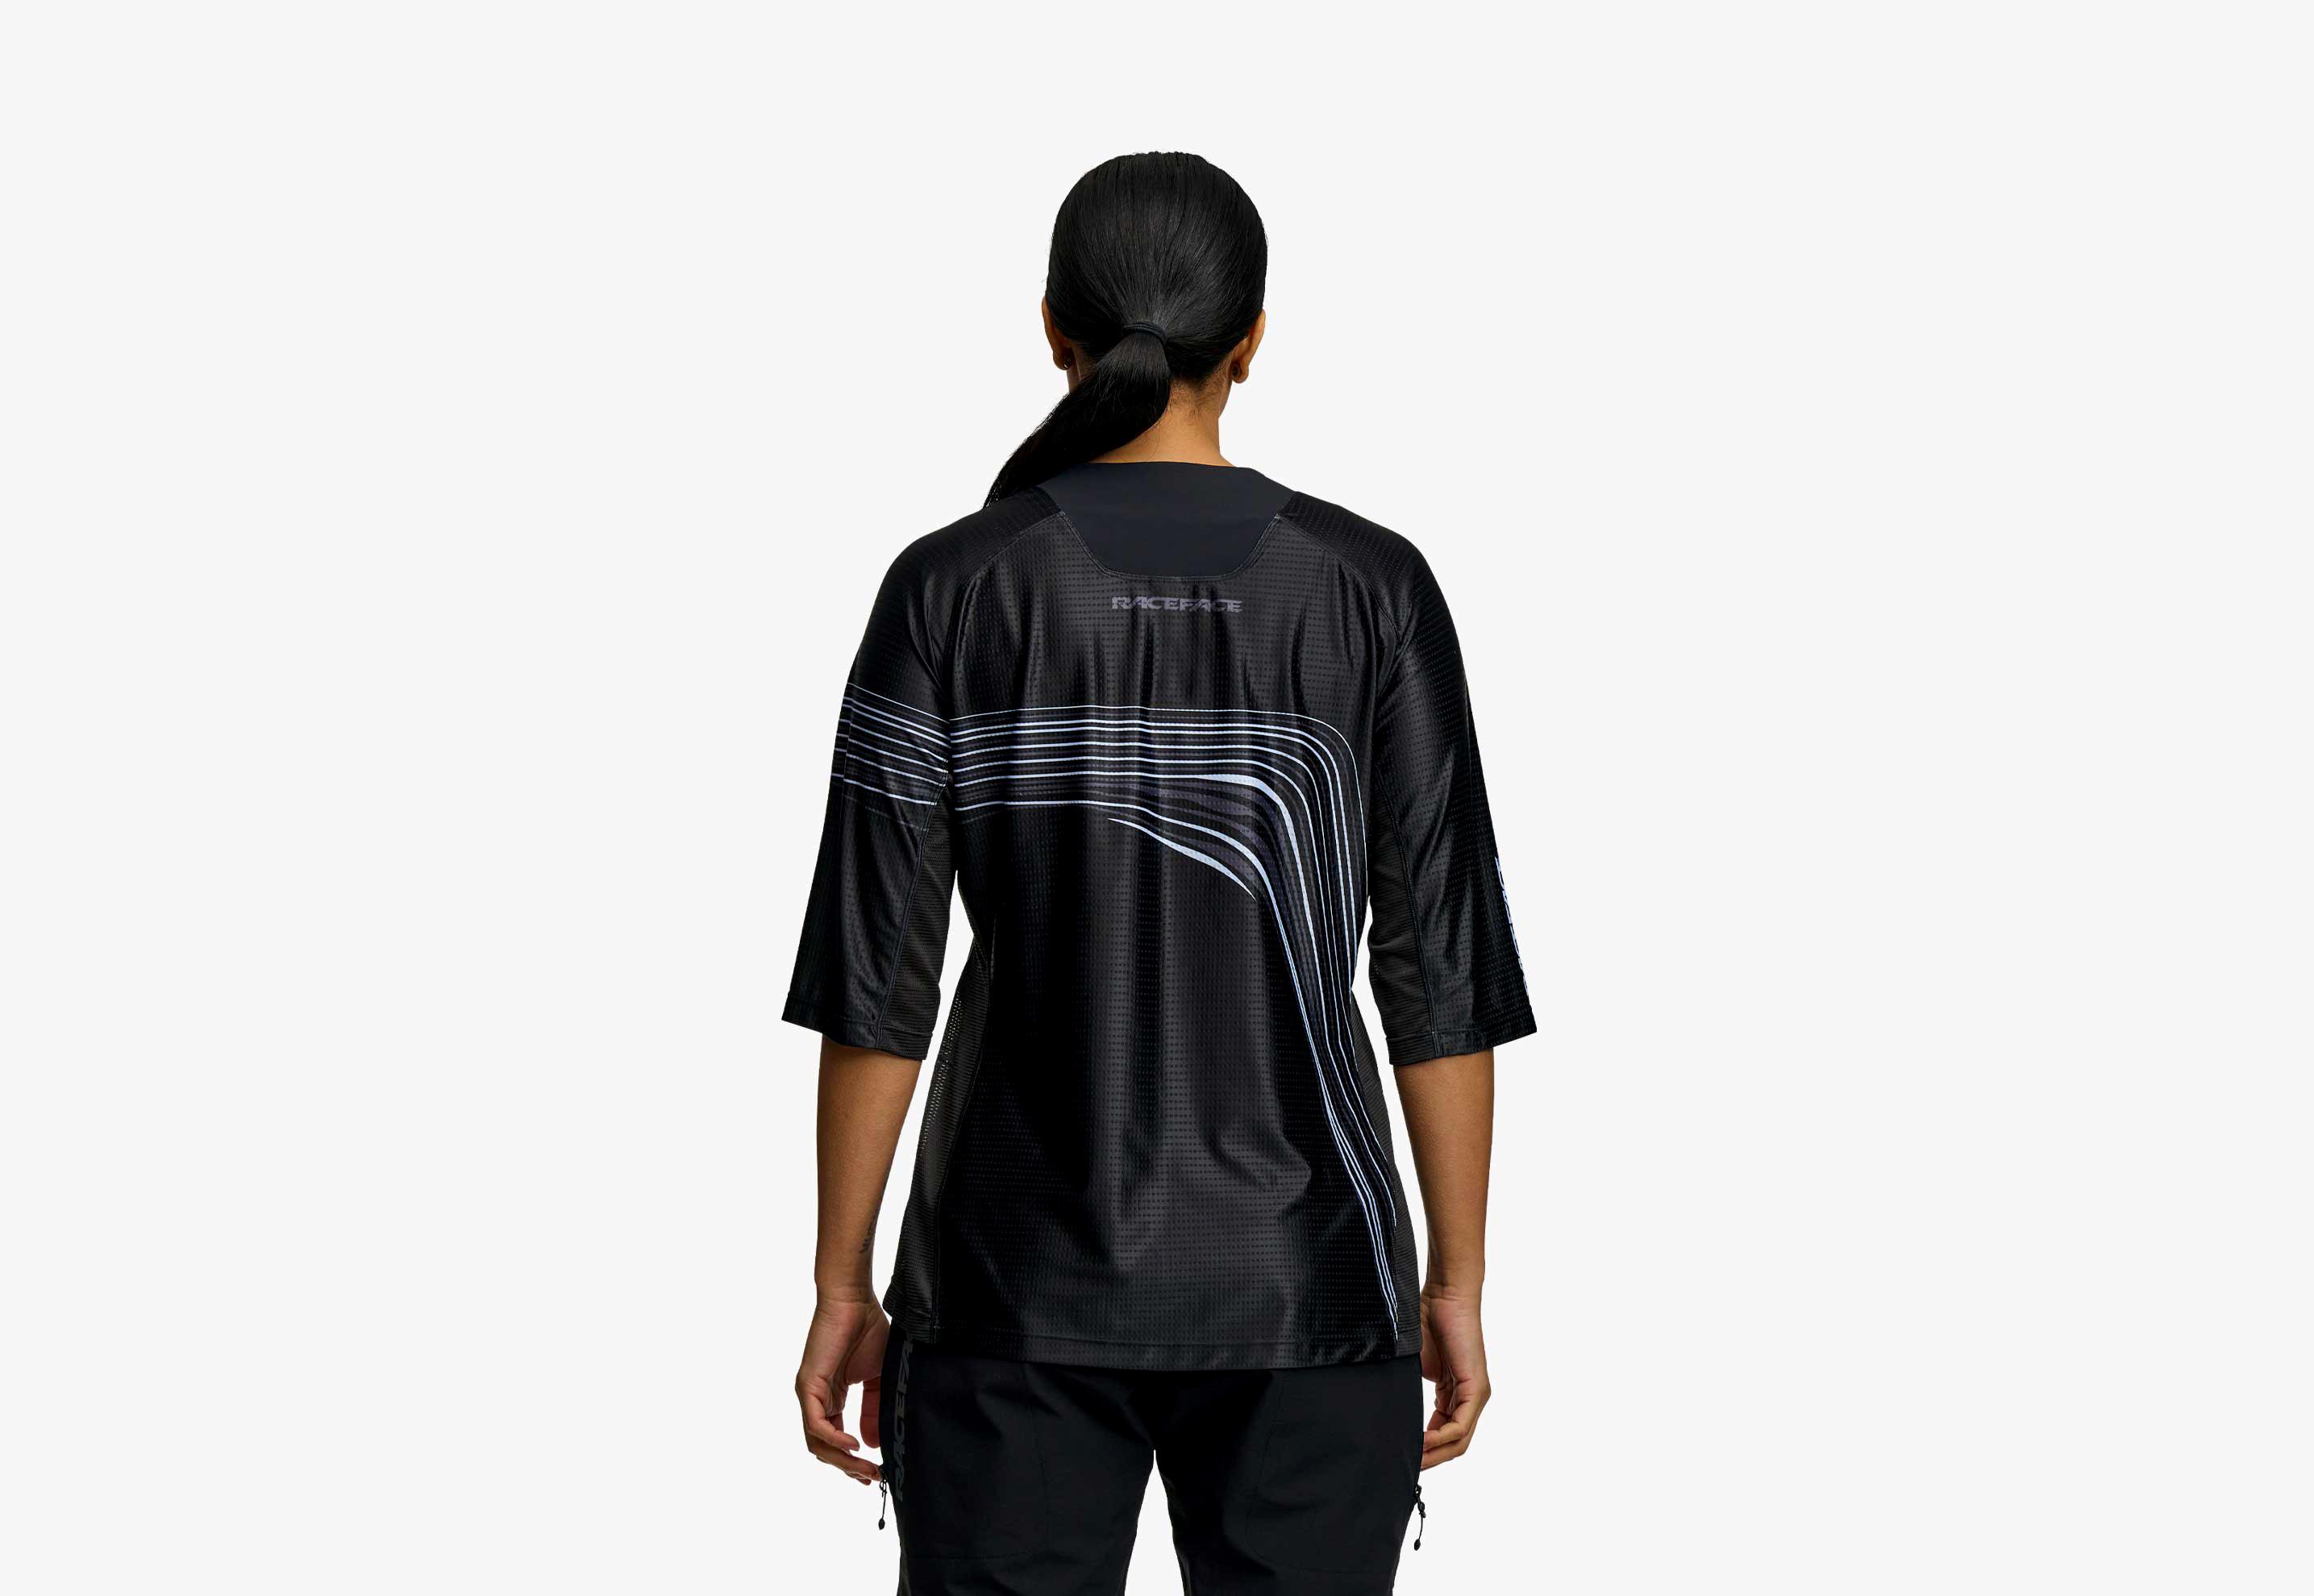 Khyber 3/4 Sleeve Jersey